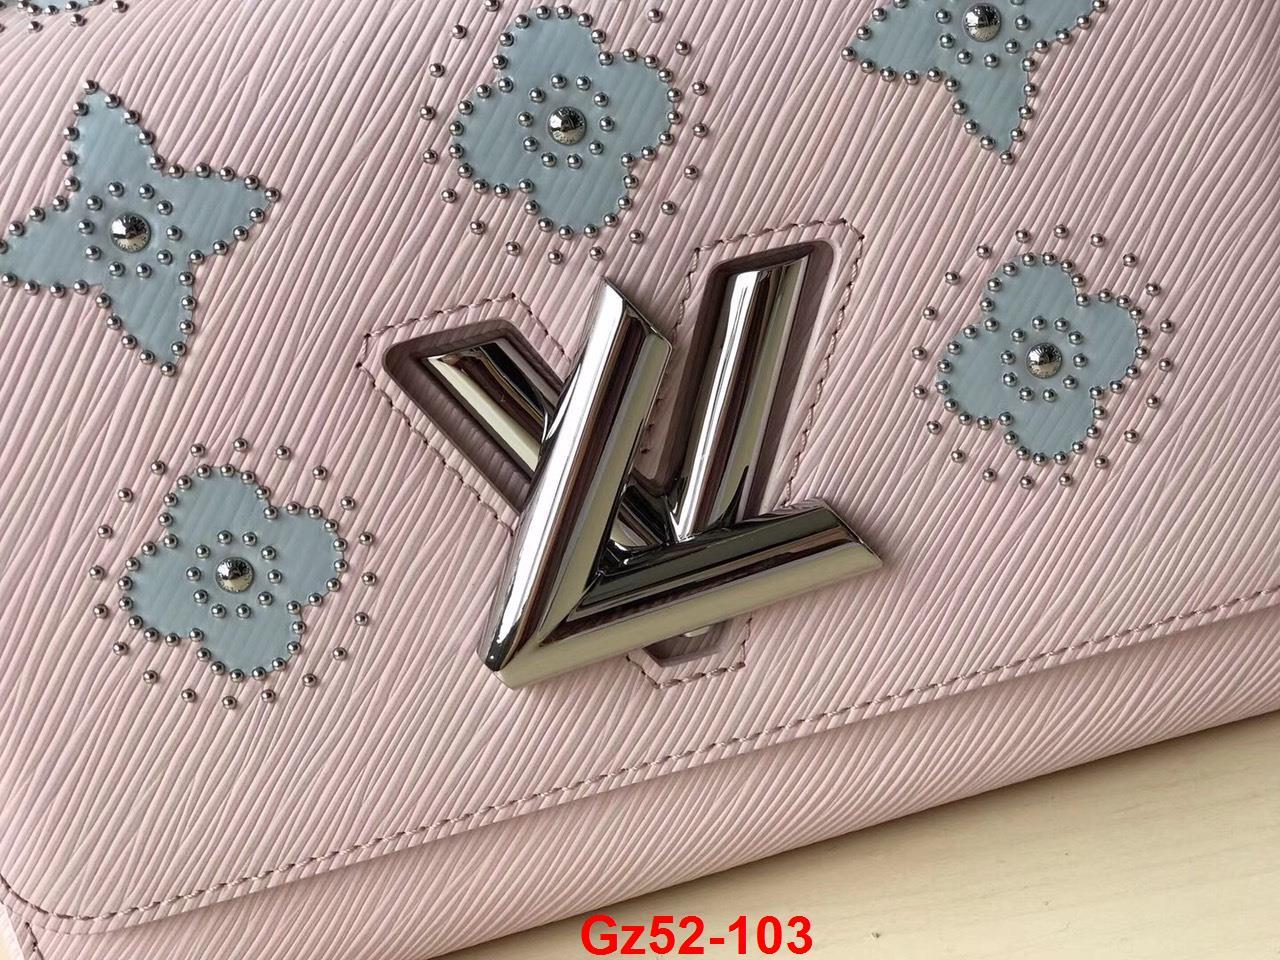 Gz52-103 Louis Vuitton túi size 23cm siêu cấp